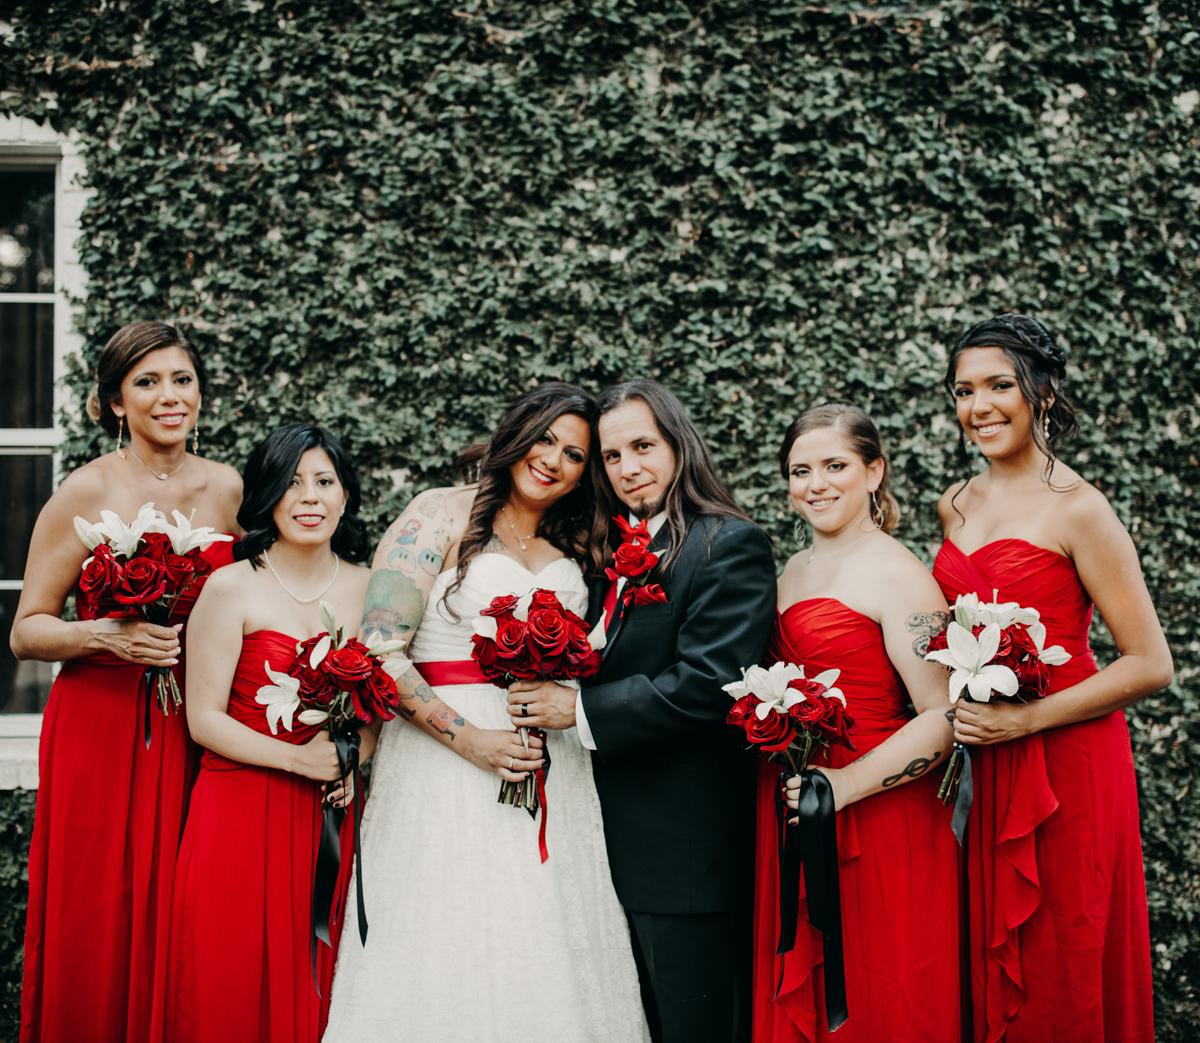 San antonio garden wedding bride and groom with bridesmaids